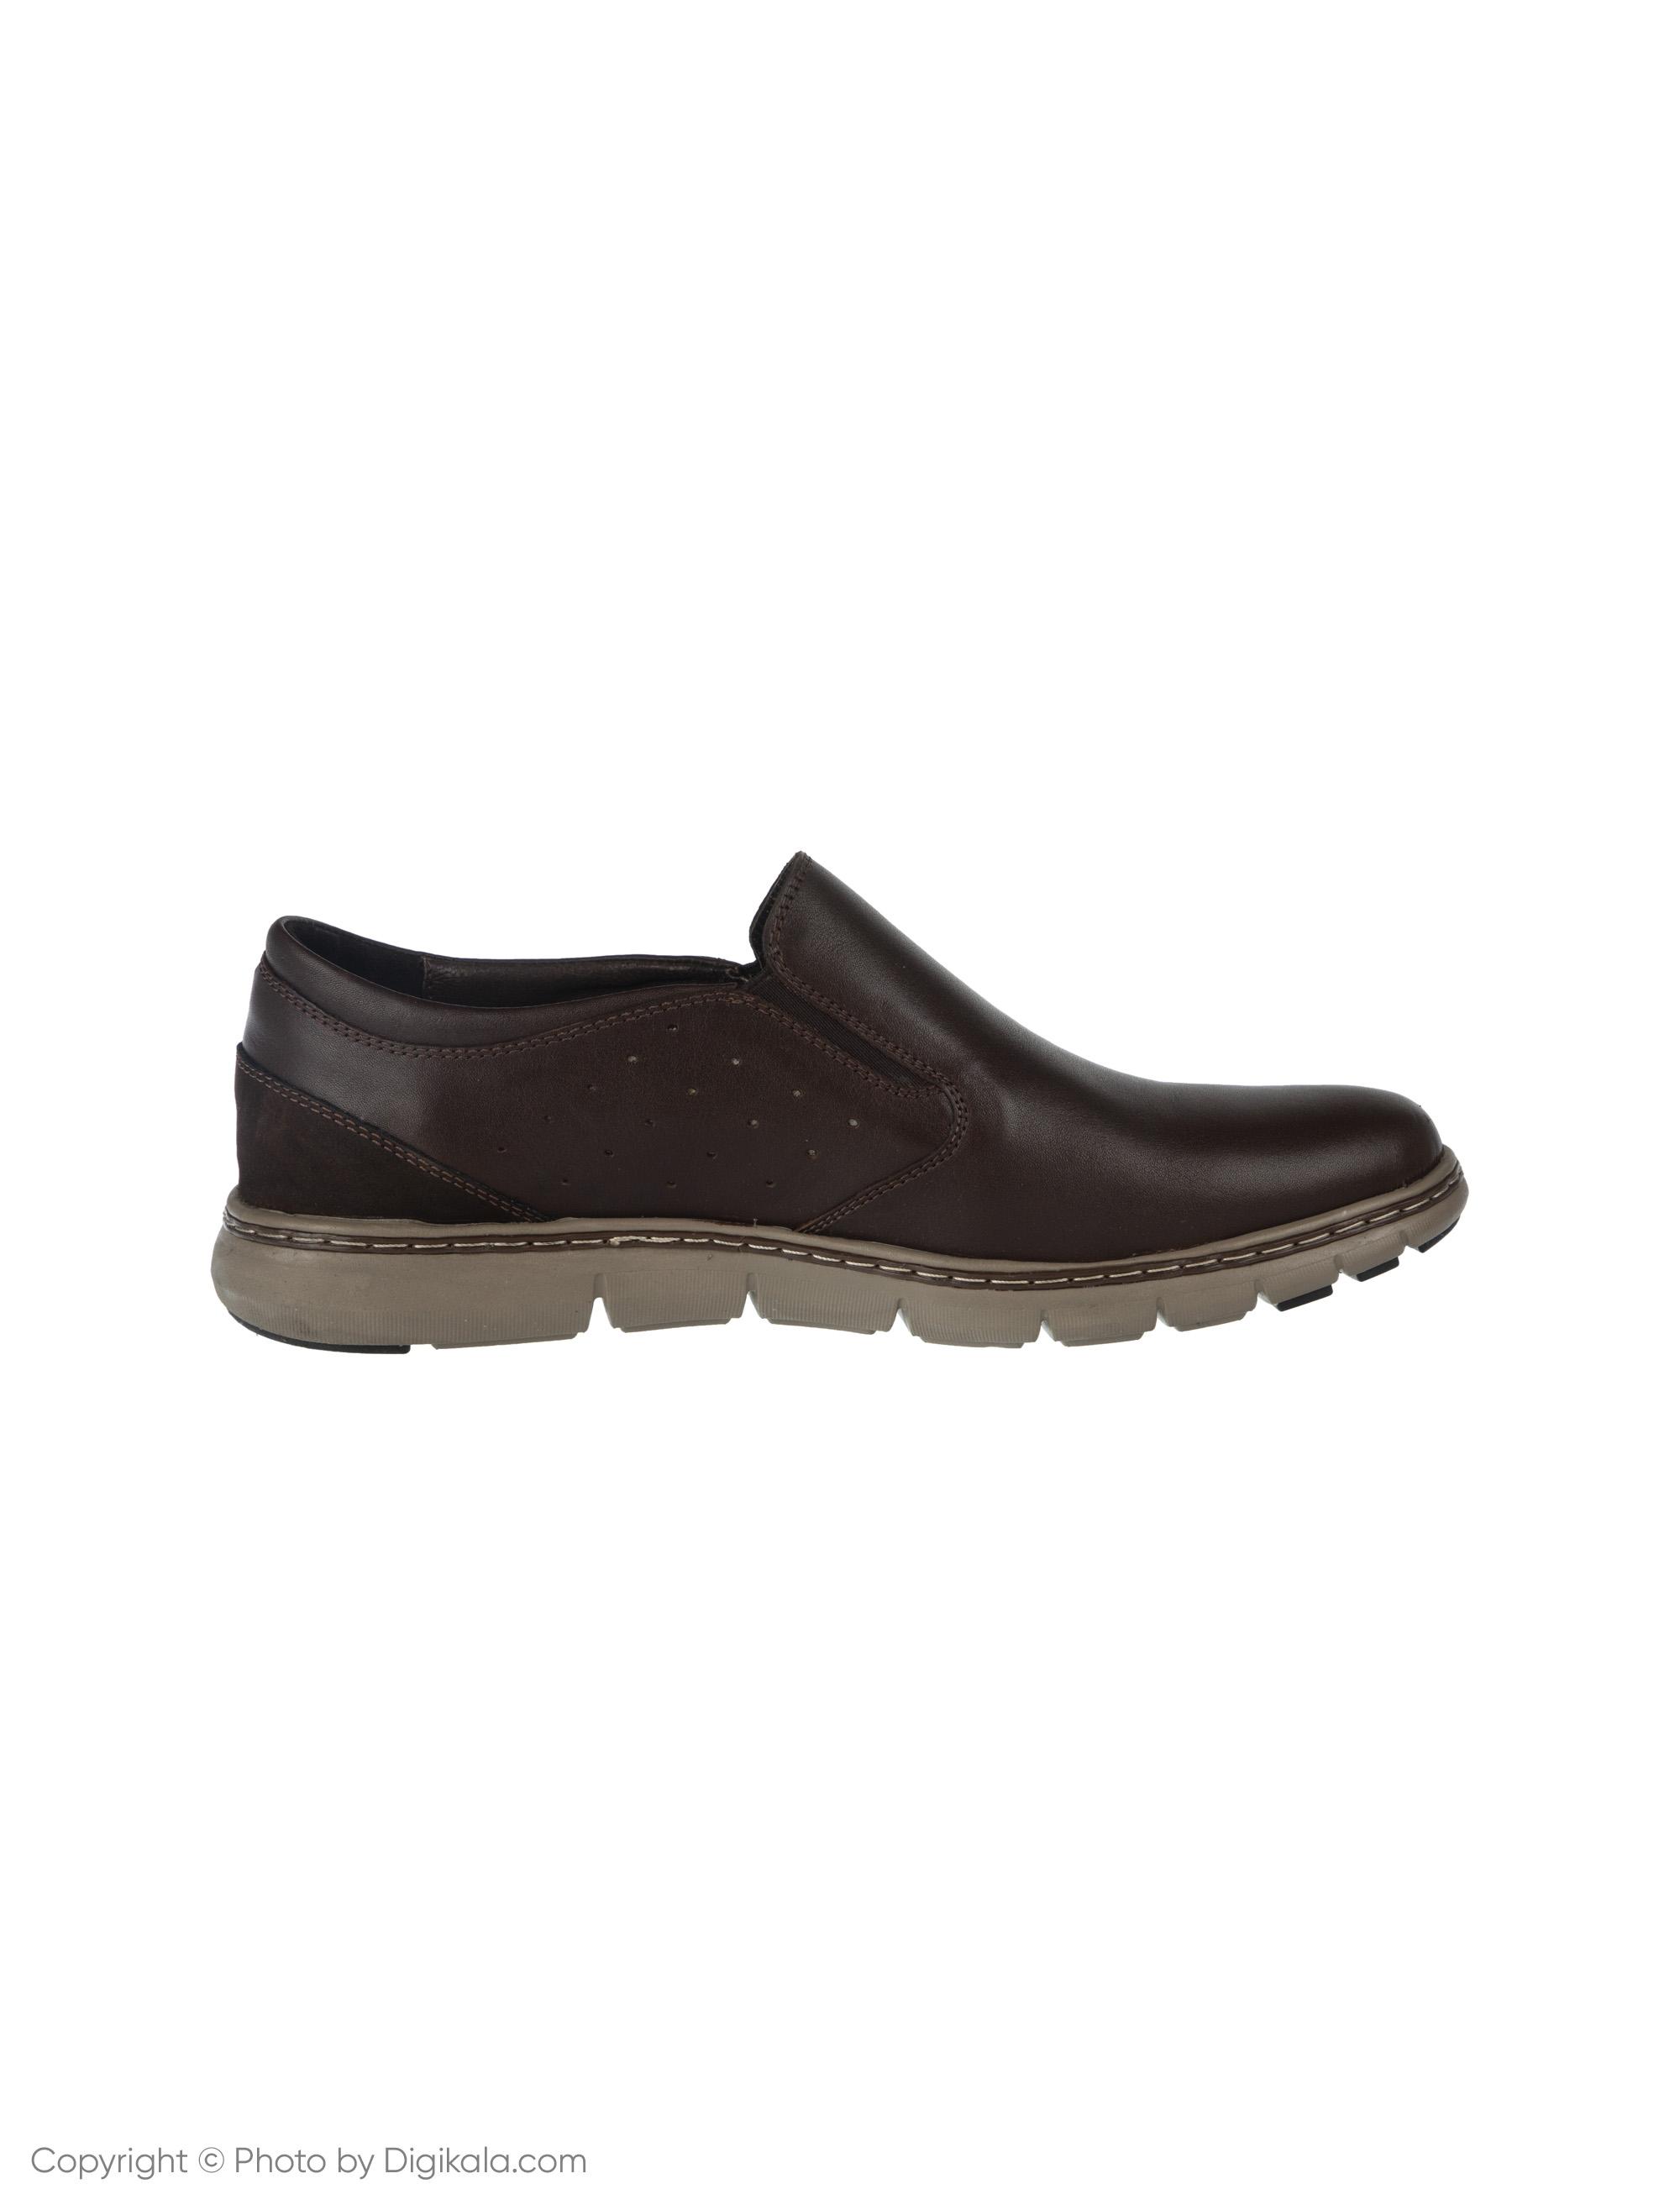 کفش روزمره مردانه گاندو مدل 405-35